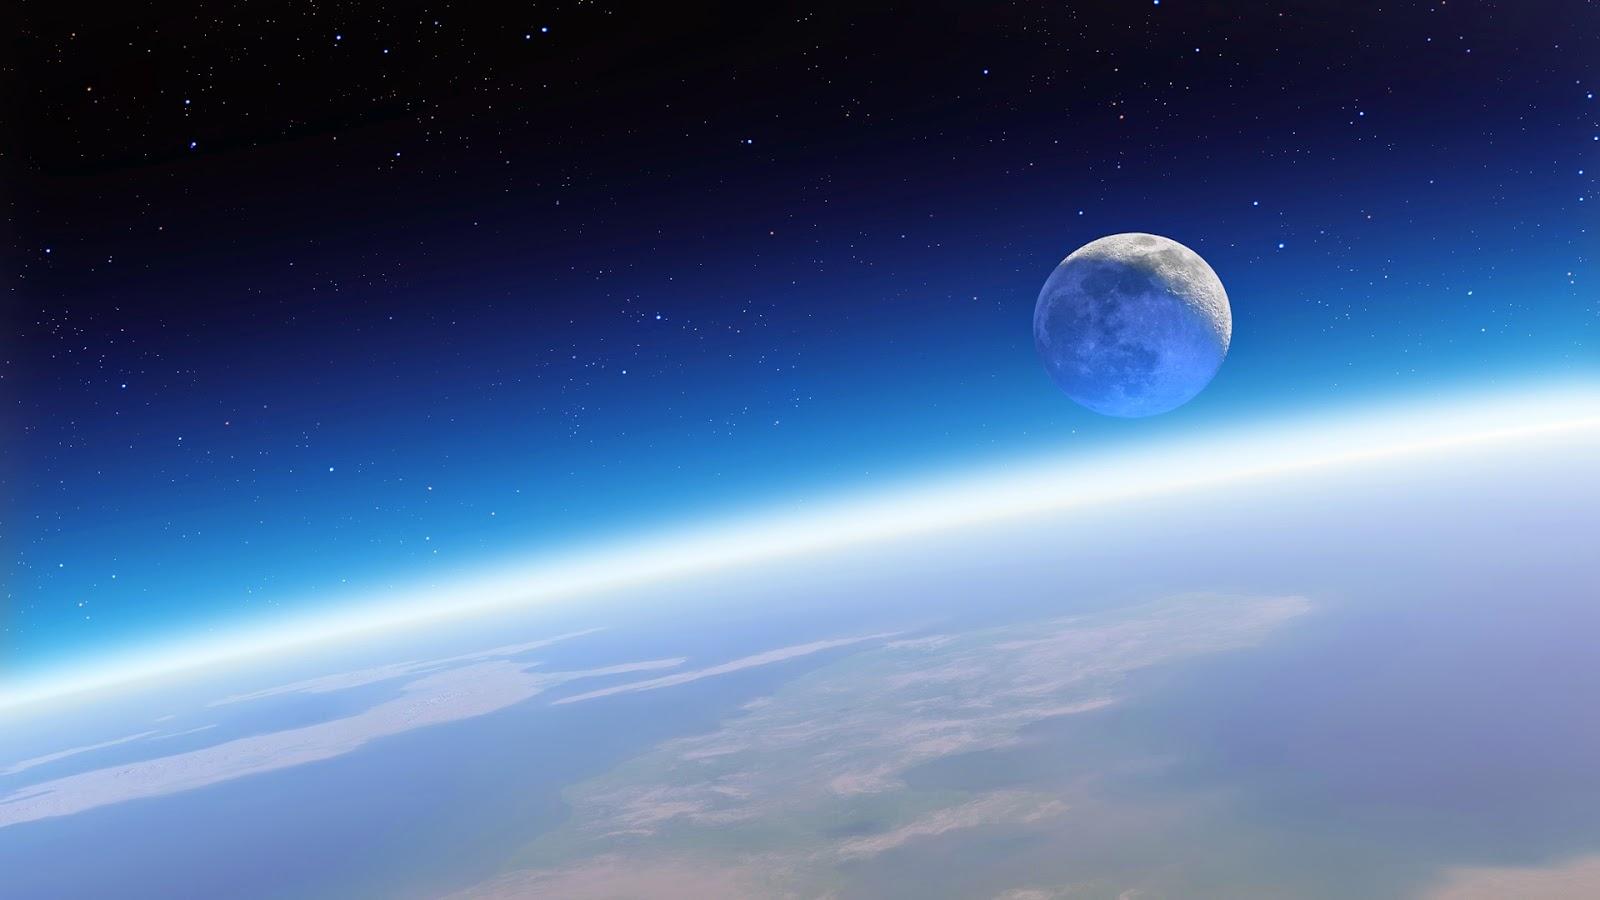 خلفيات كوكب الارض من الفضاء